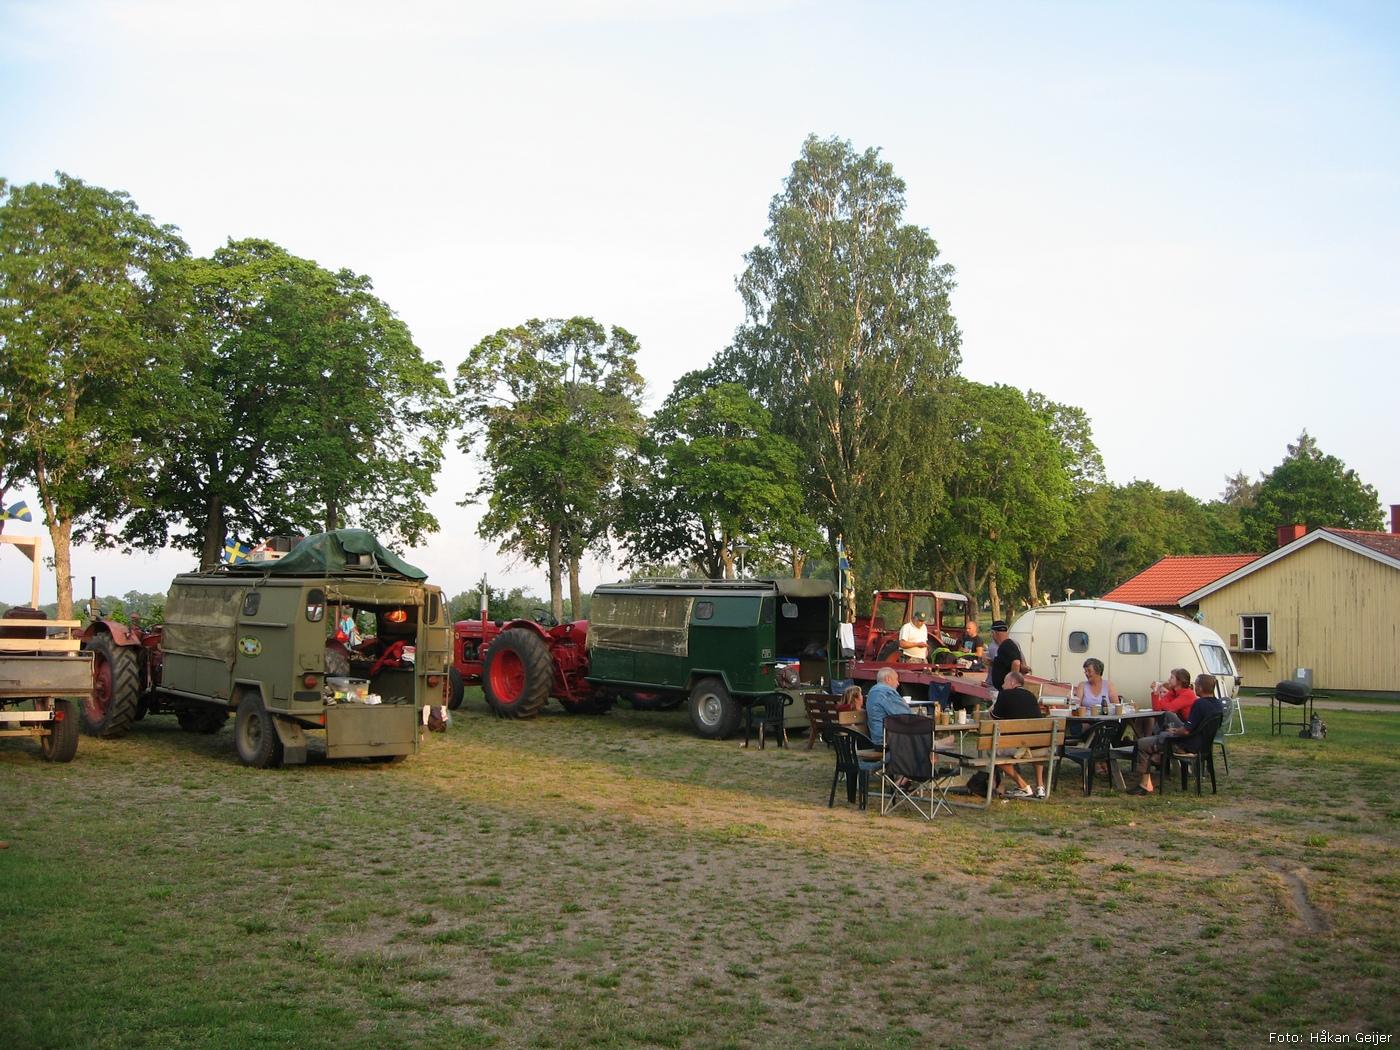 2011-07-30_47_Traktorresa